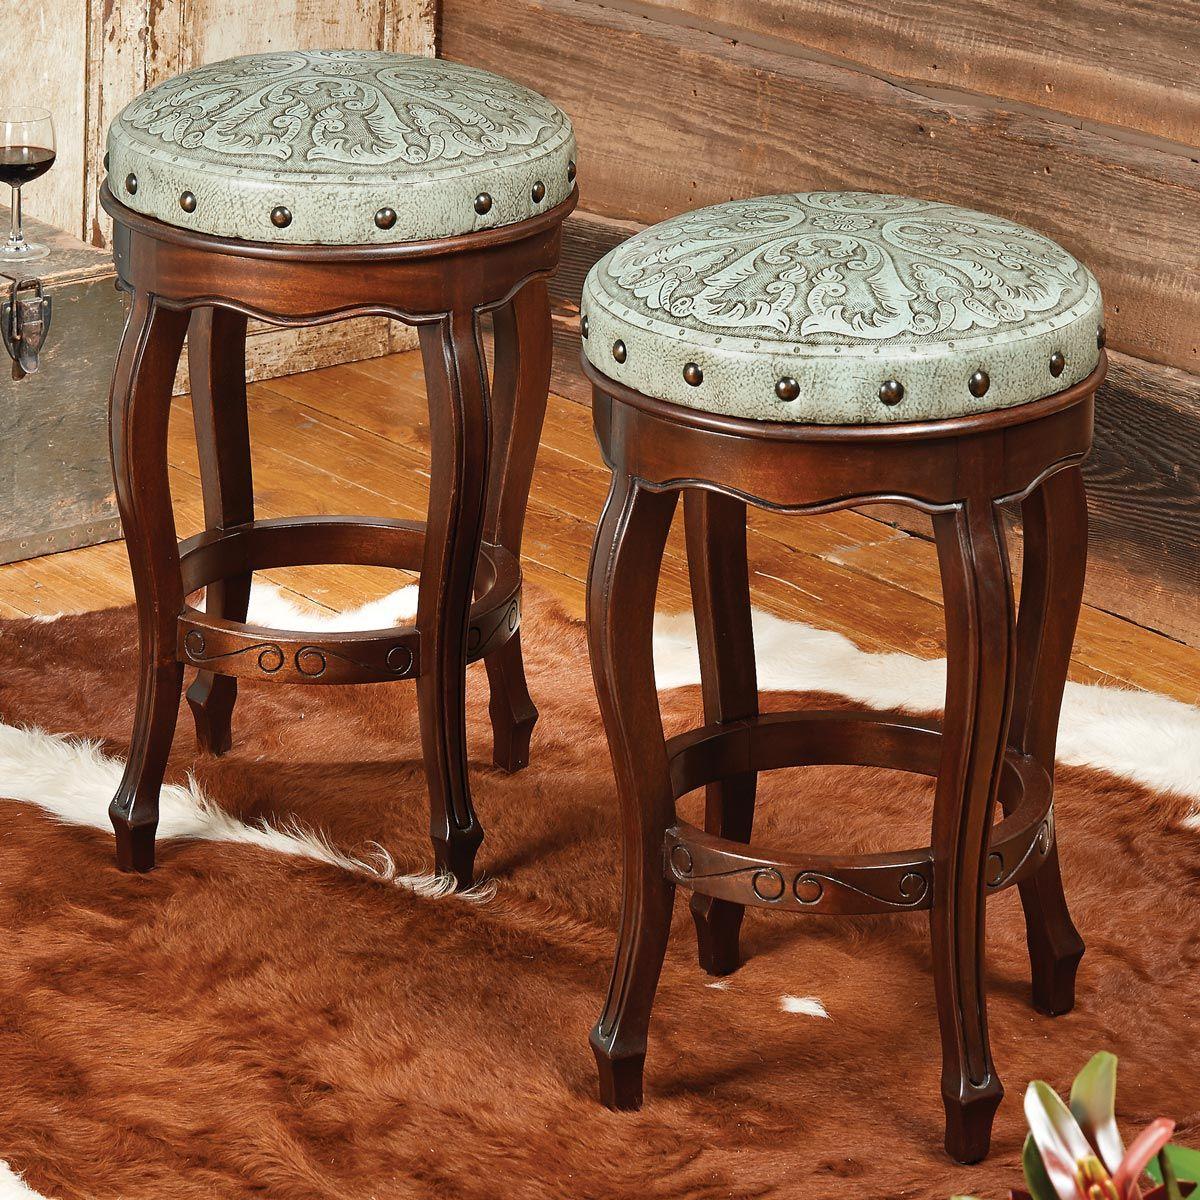 Western bar stools pub tables at lone star western decor